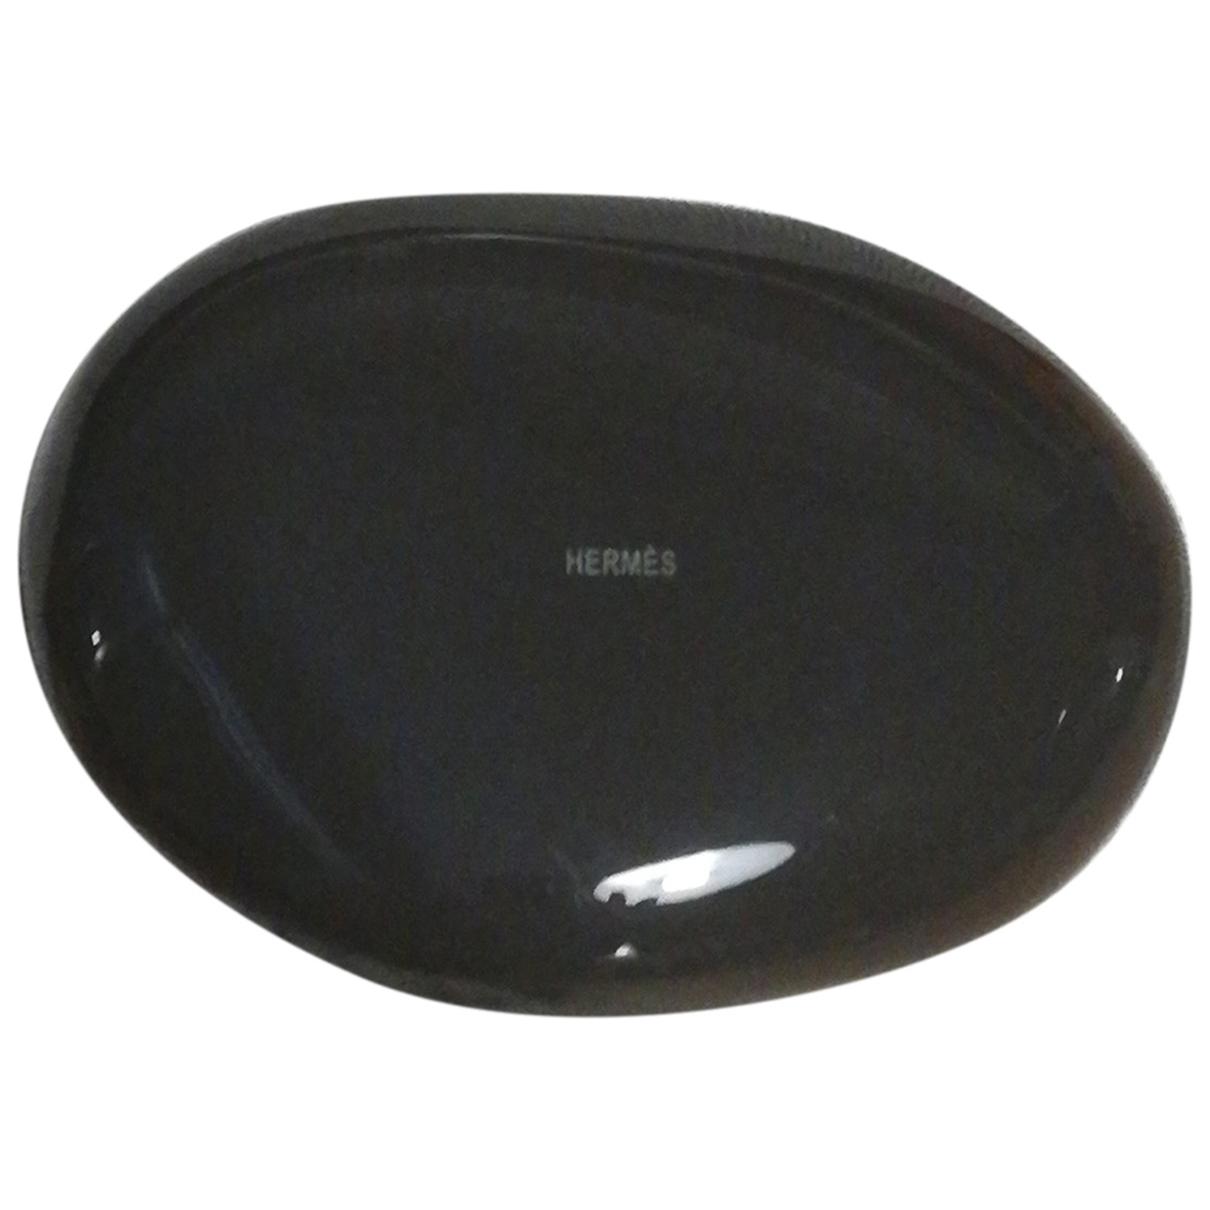 Pisapapeles de Ceramica Hermes